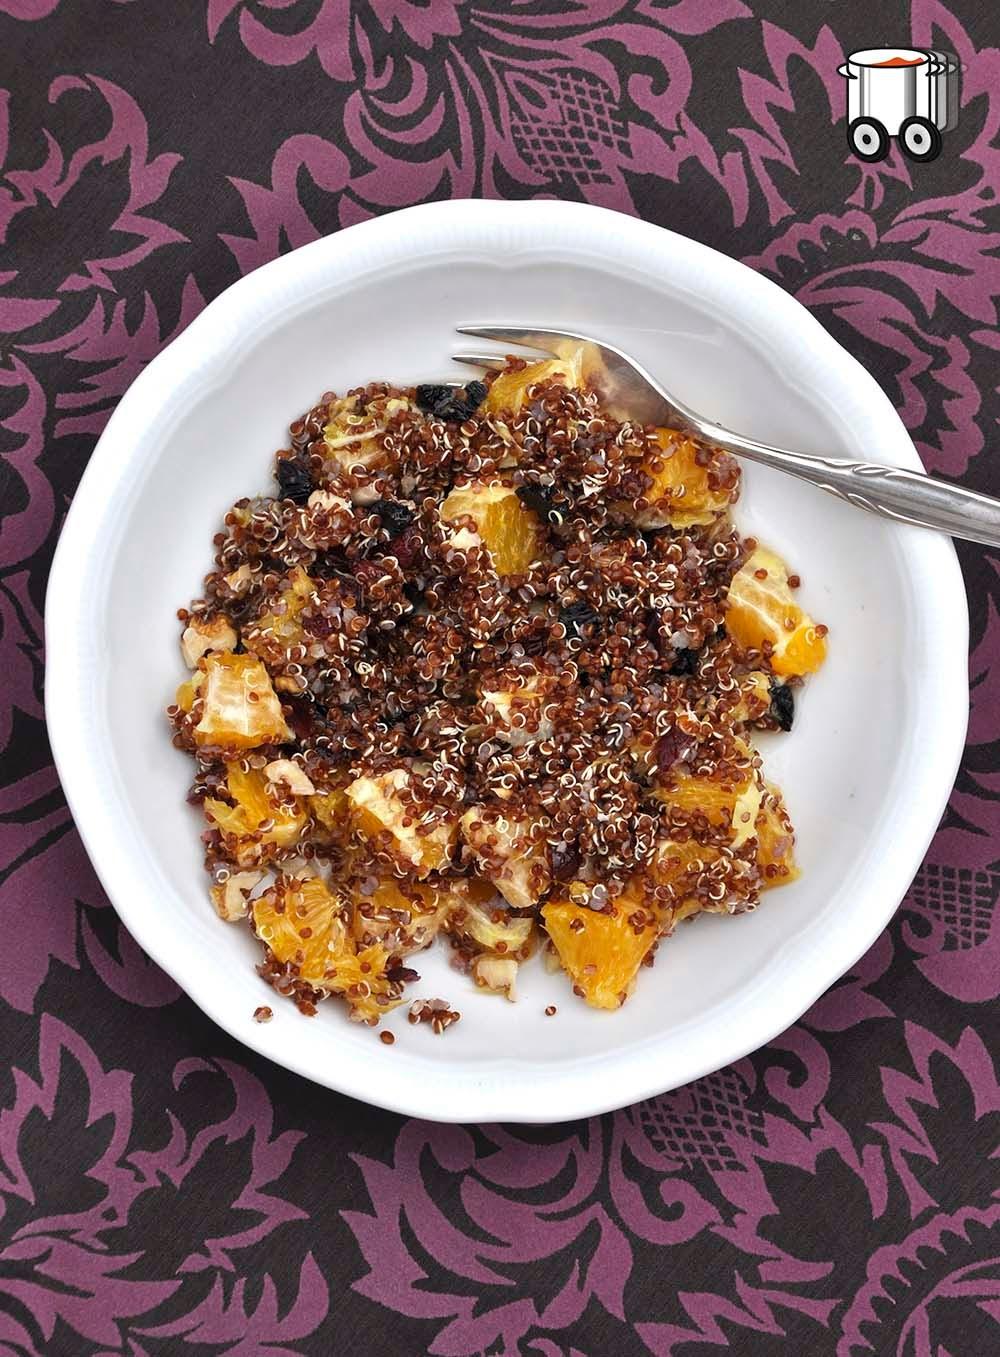 Szybko Tanio Smacznie - Czerwona Quinoa. Pomarańcze, imbir, orzechy, suszone owoce i miód.